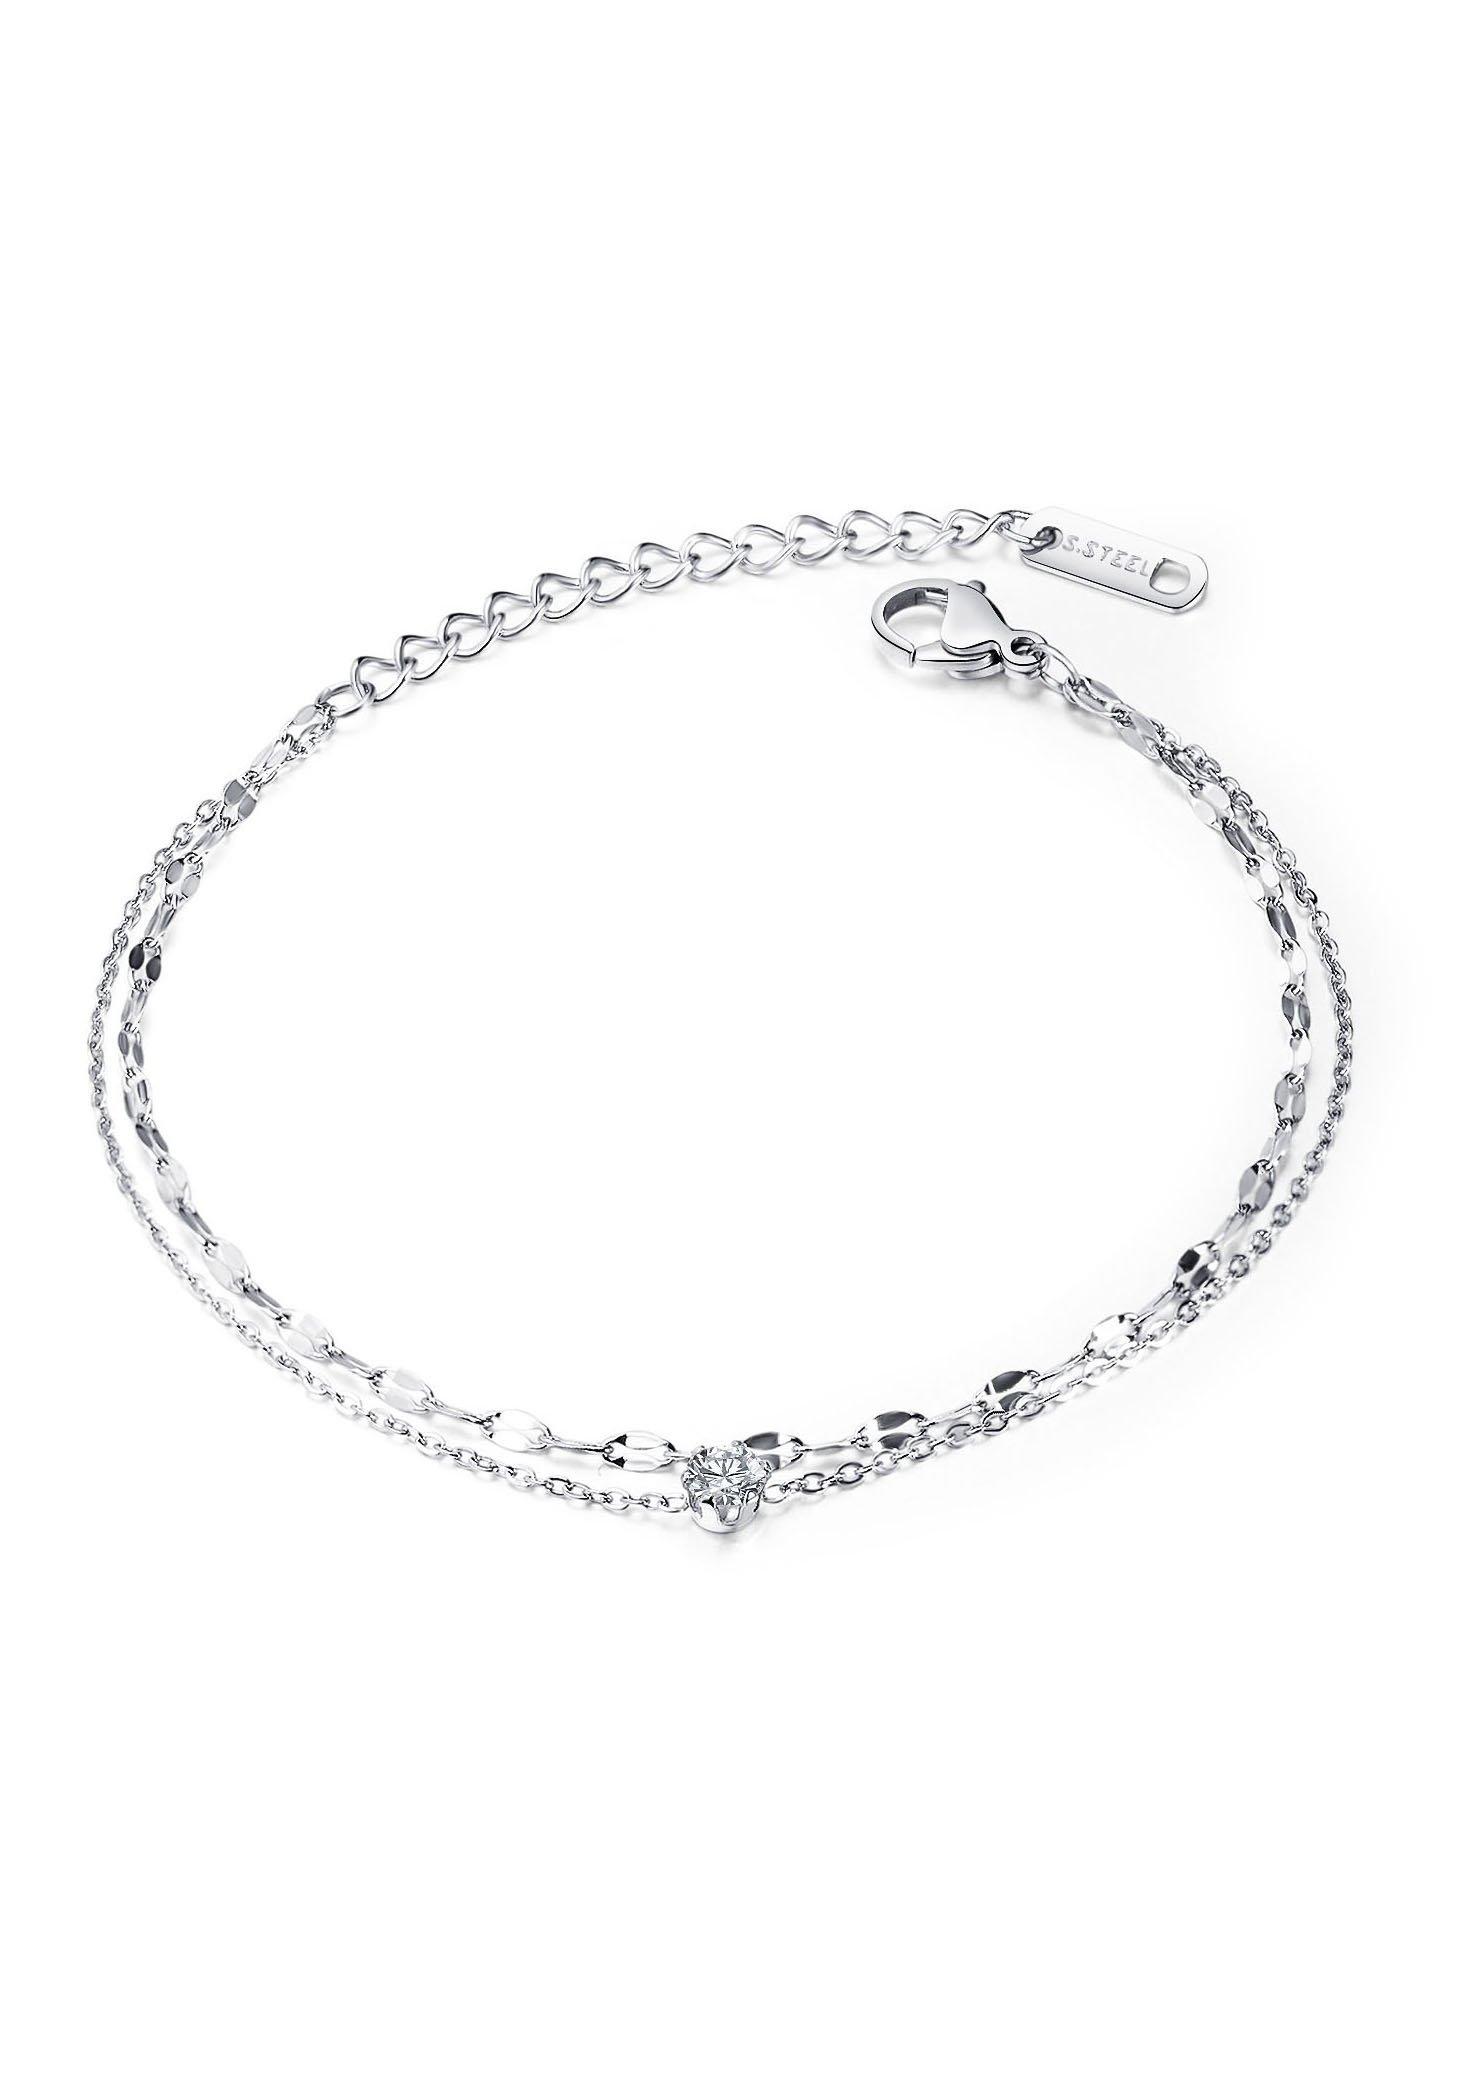 Firetti armband Glamour met zirkoon (synthetisch) bestellen: 30 dagen bedenktijd